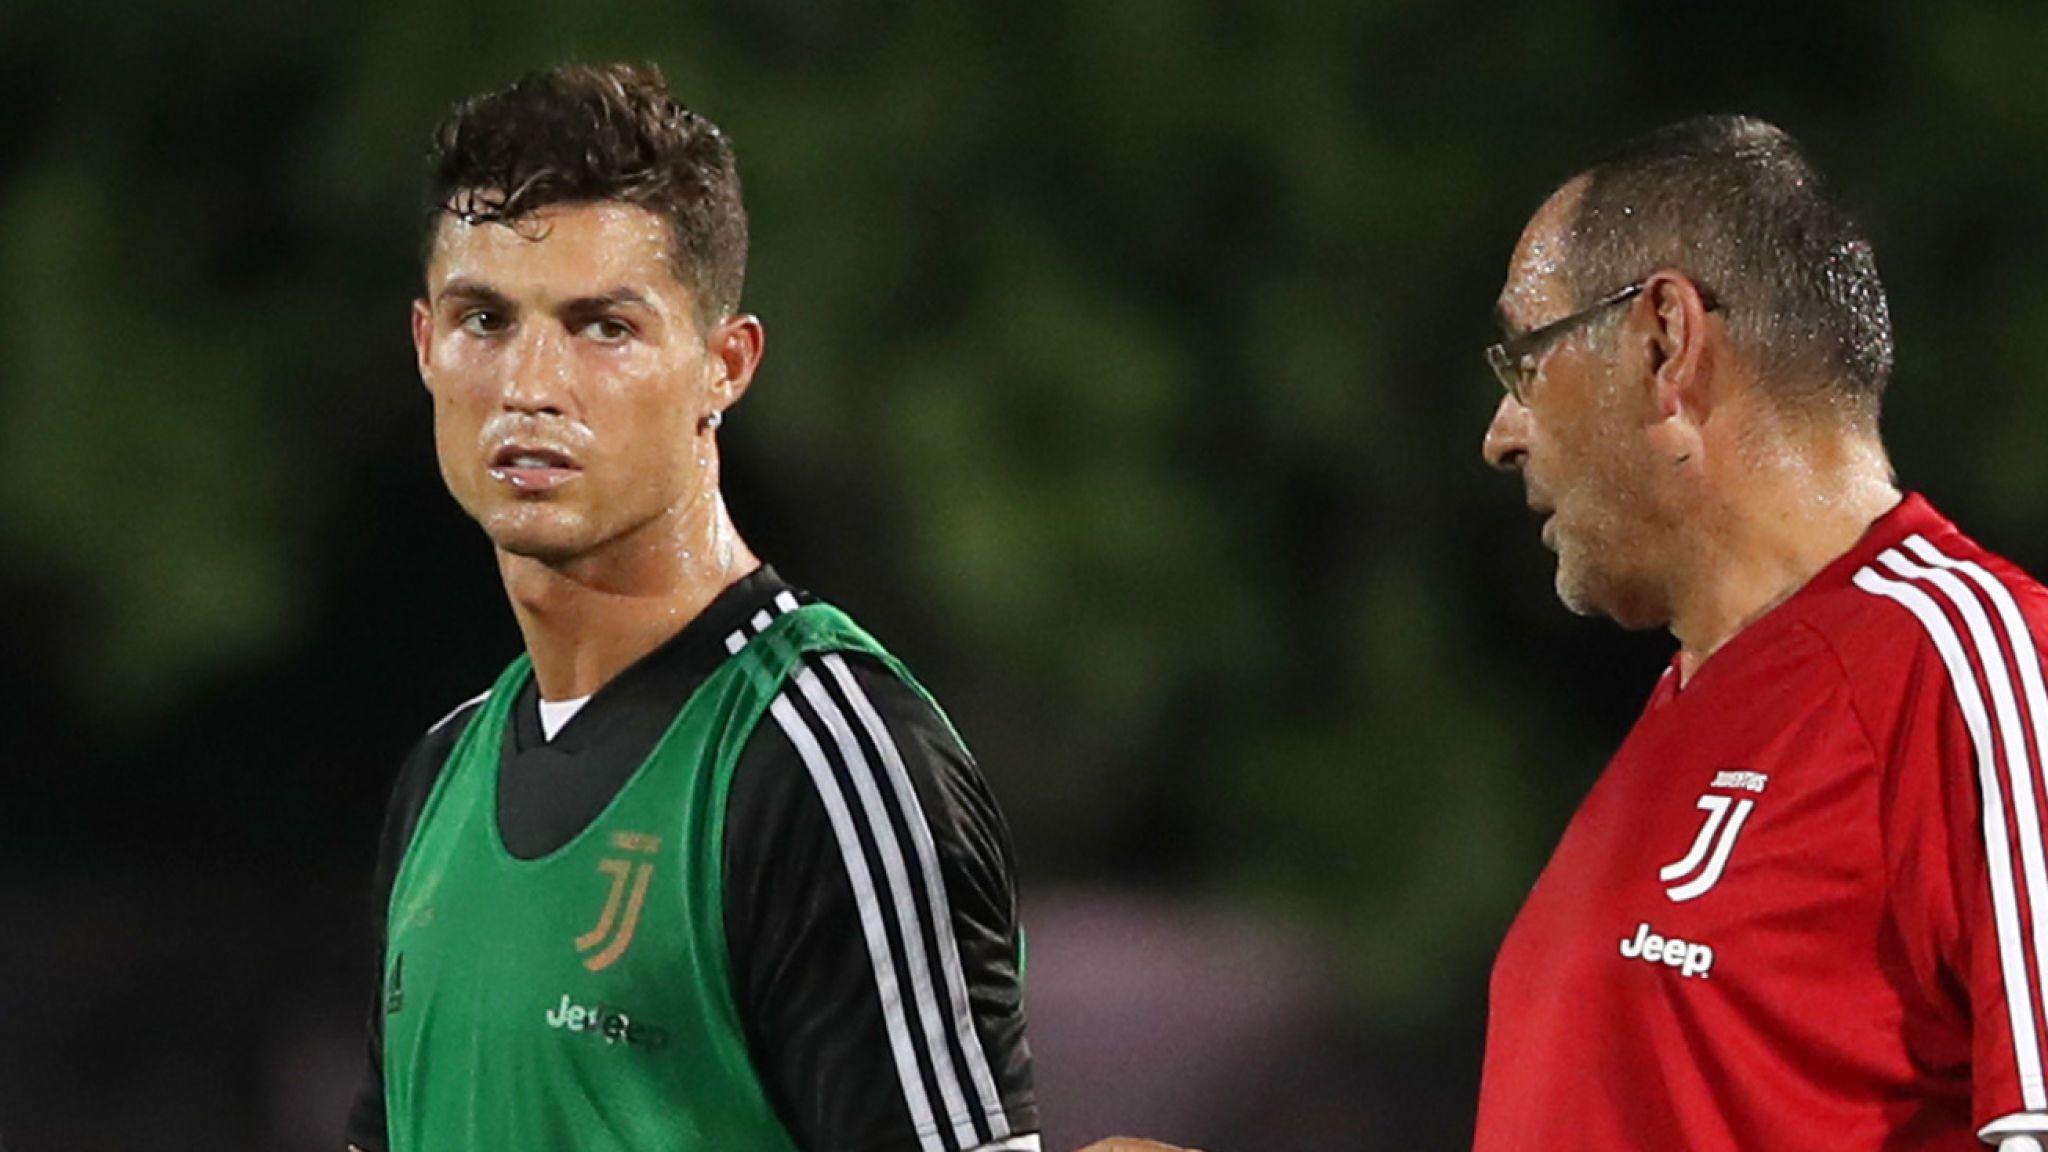 Sarri and Ronaldo no get quarrel